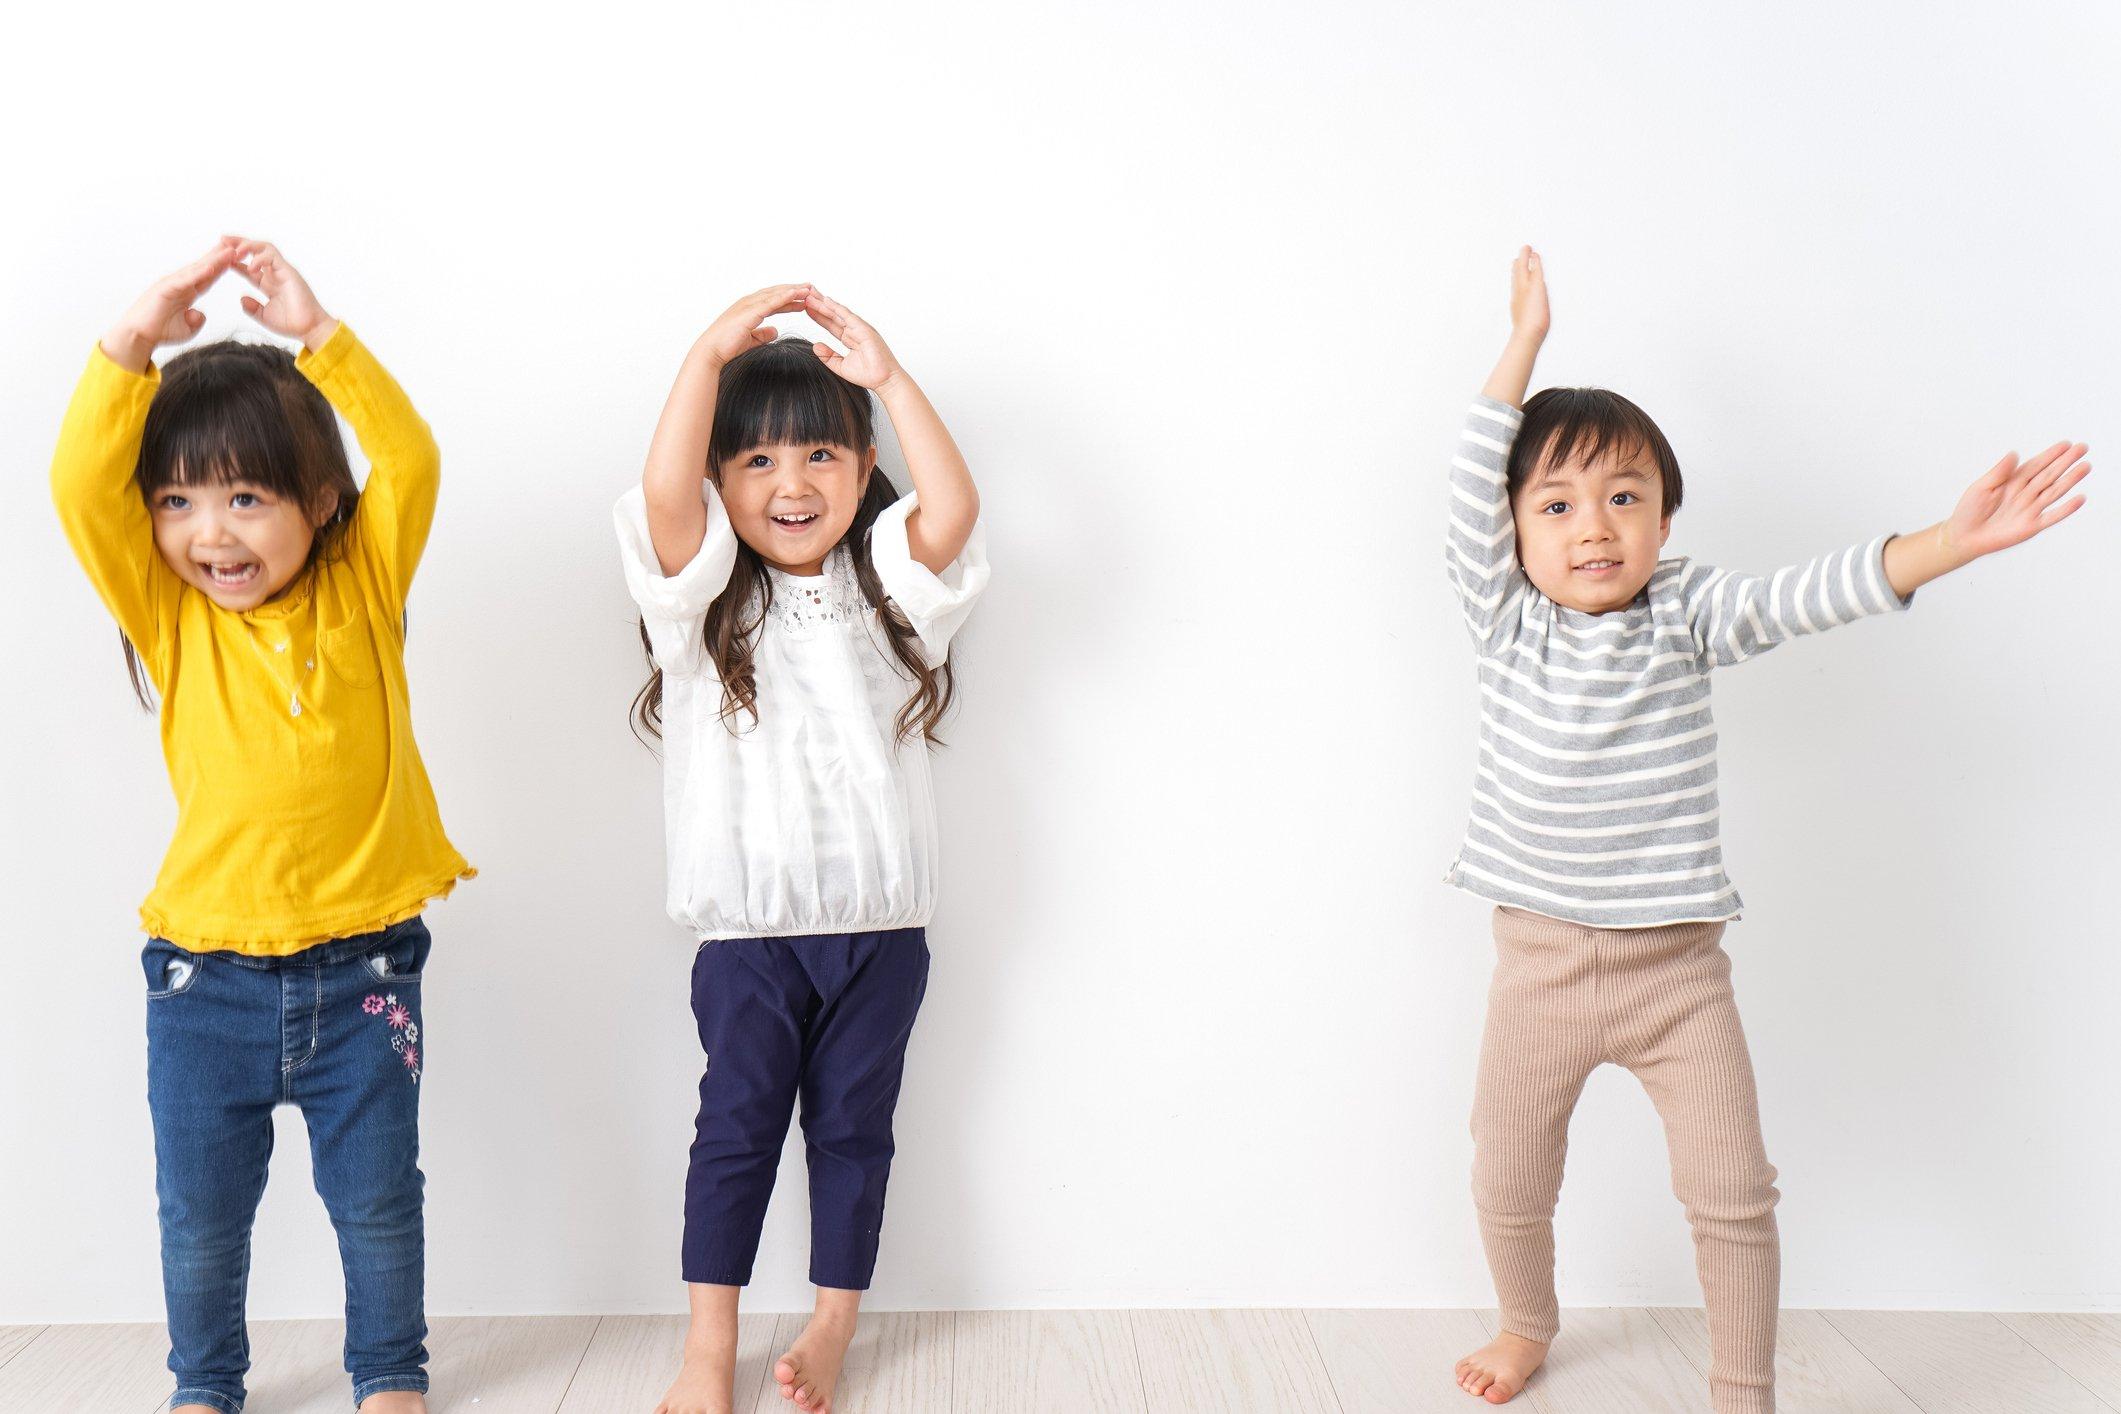 49 Activités Physiques Plaisantes À Faire Avec Des Enfants avec Activité Pour Enfant De 5 Ans